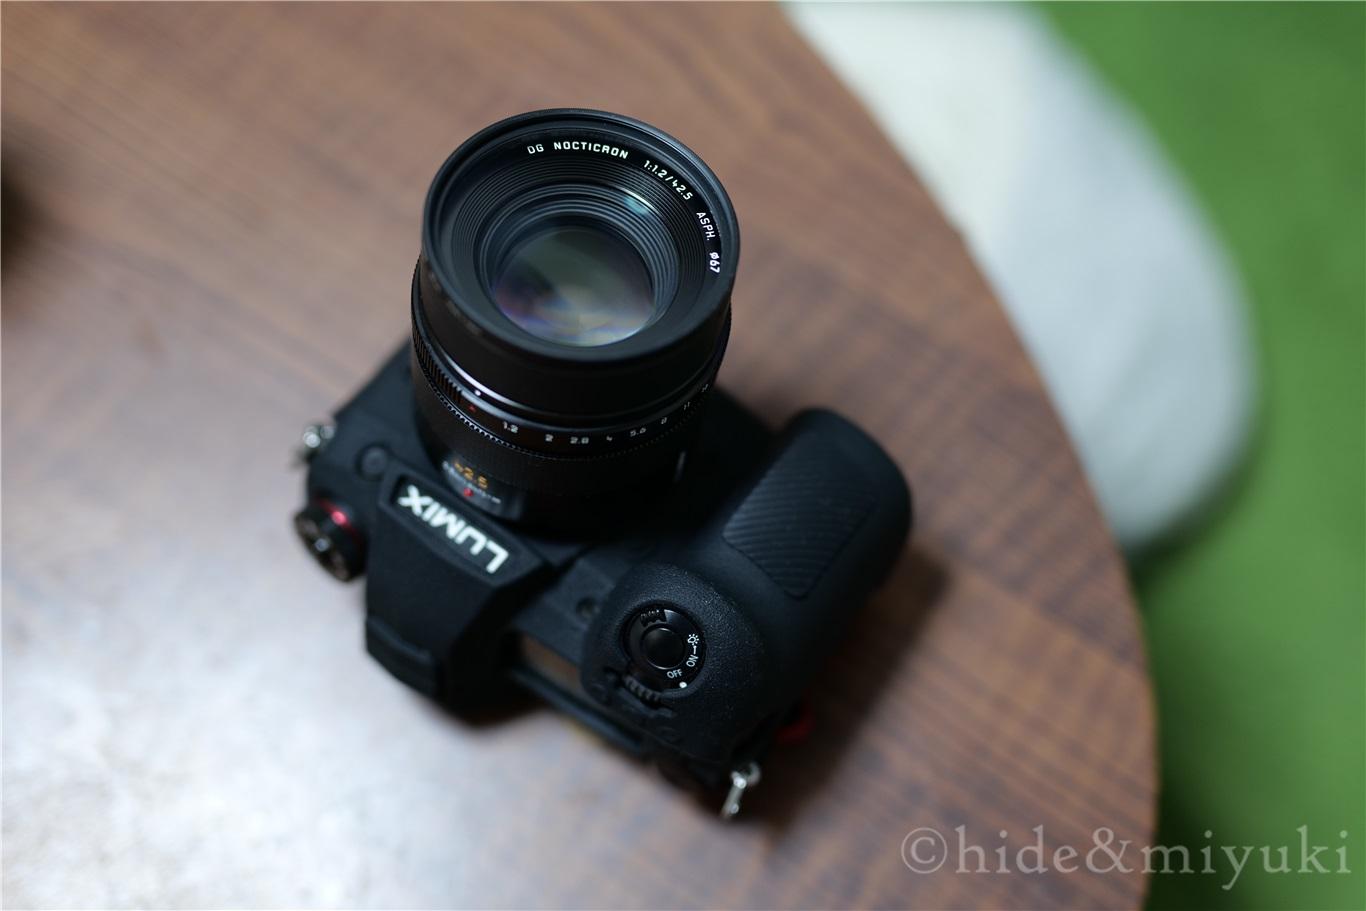 【マイクロフォーサーズ最高のレンズ】Panasonic LEICA DG NOCTICRON 42.5mm F1.2をレビューしていこうと思う【一番好きなレンズです】